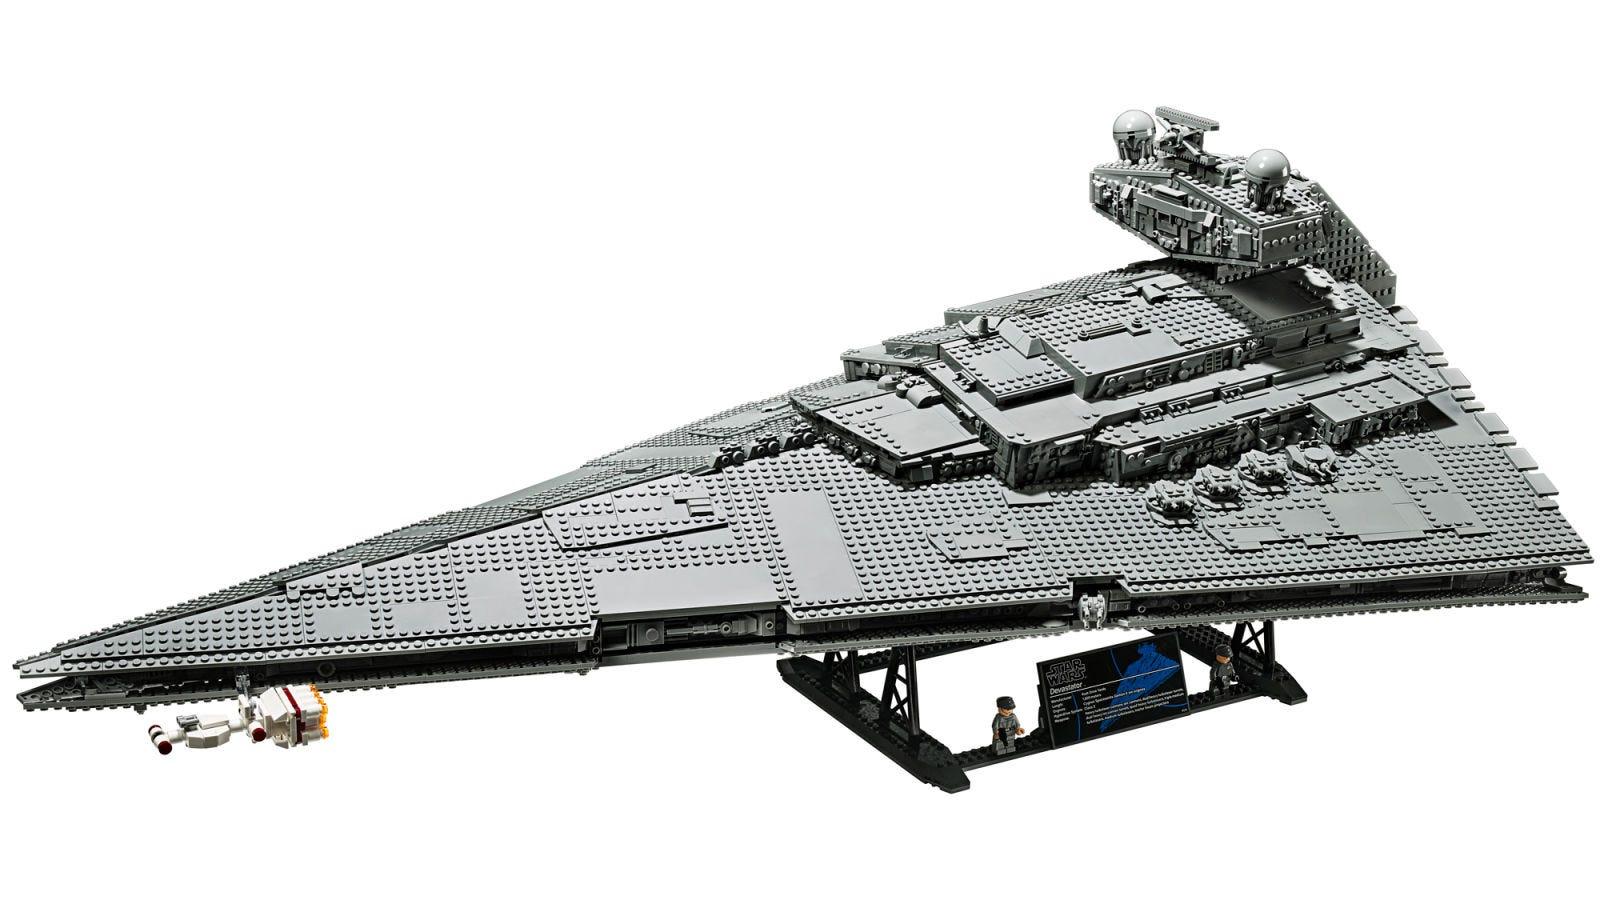 Illustration for article titled Este set de Lego de iStar Wars/i de un Destructor Estelar tiene casi 5.000 piezas y más de 1 metro de largo